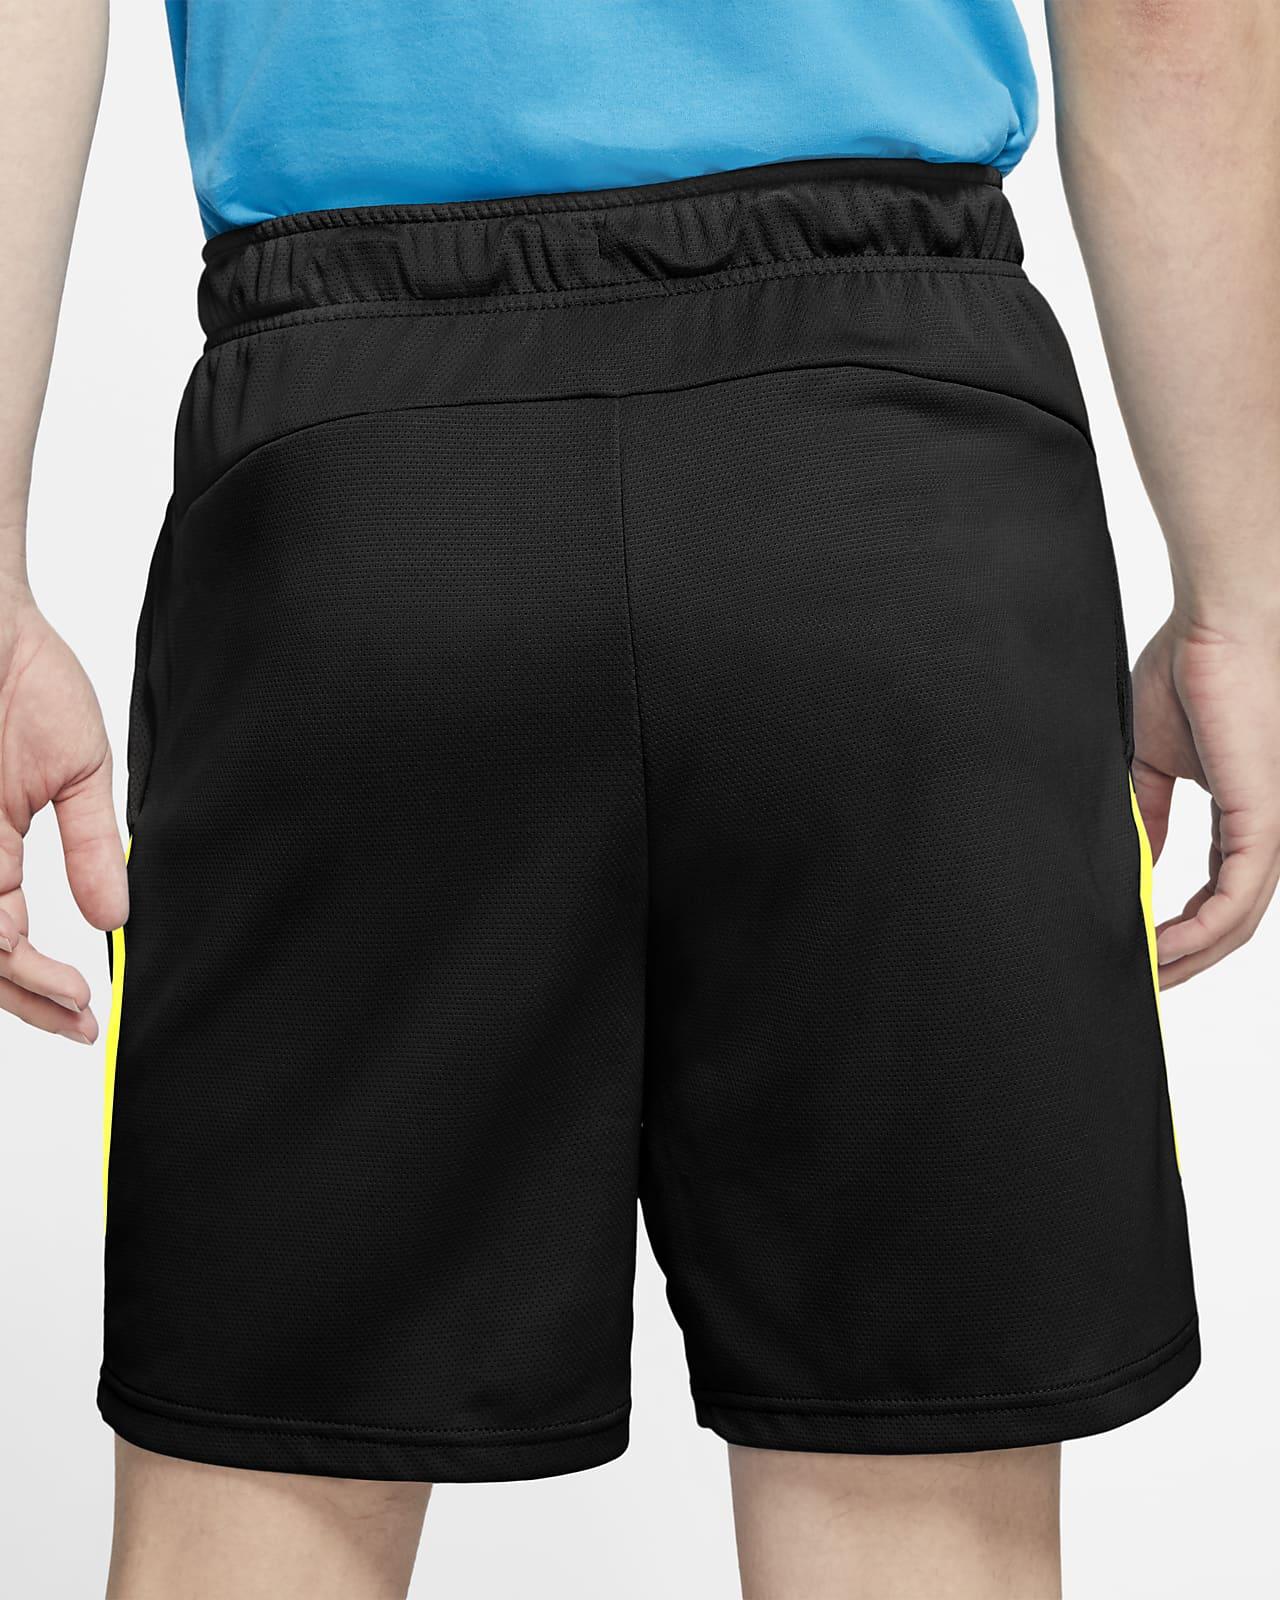 Nike Dri-FIT Men's Training Shorts. Nike SG